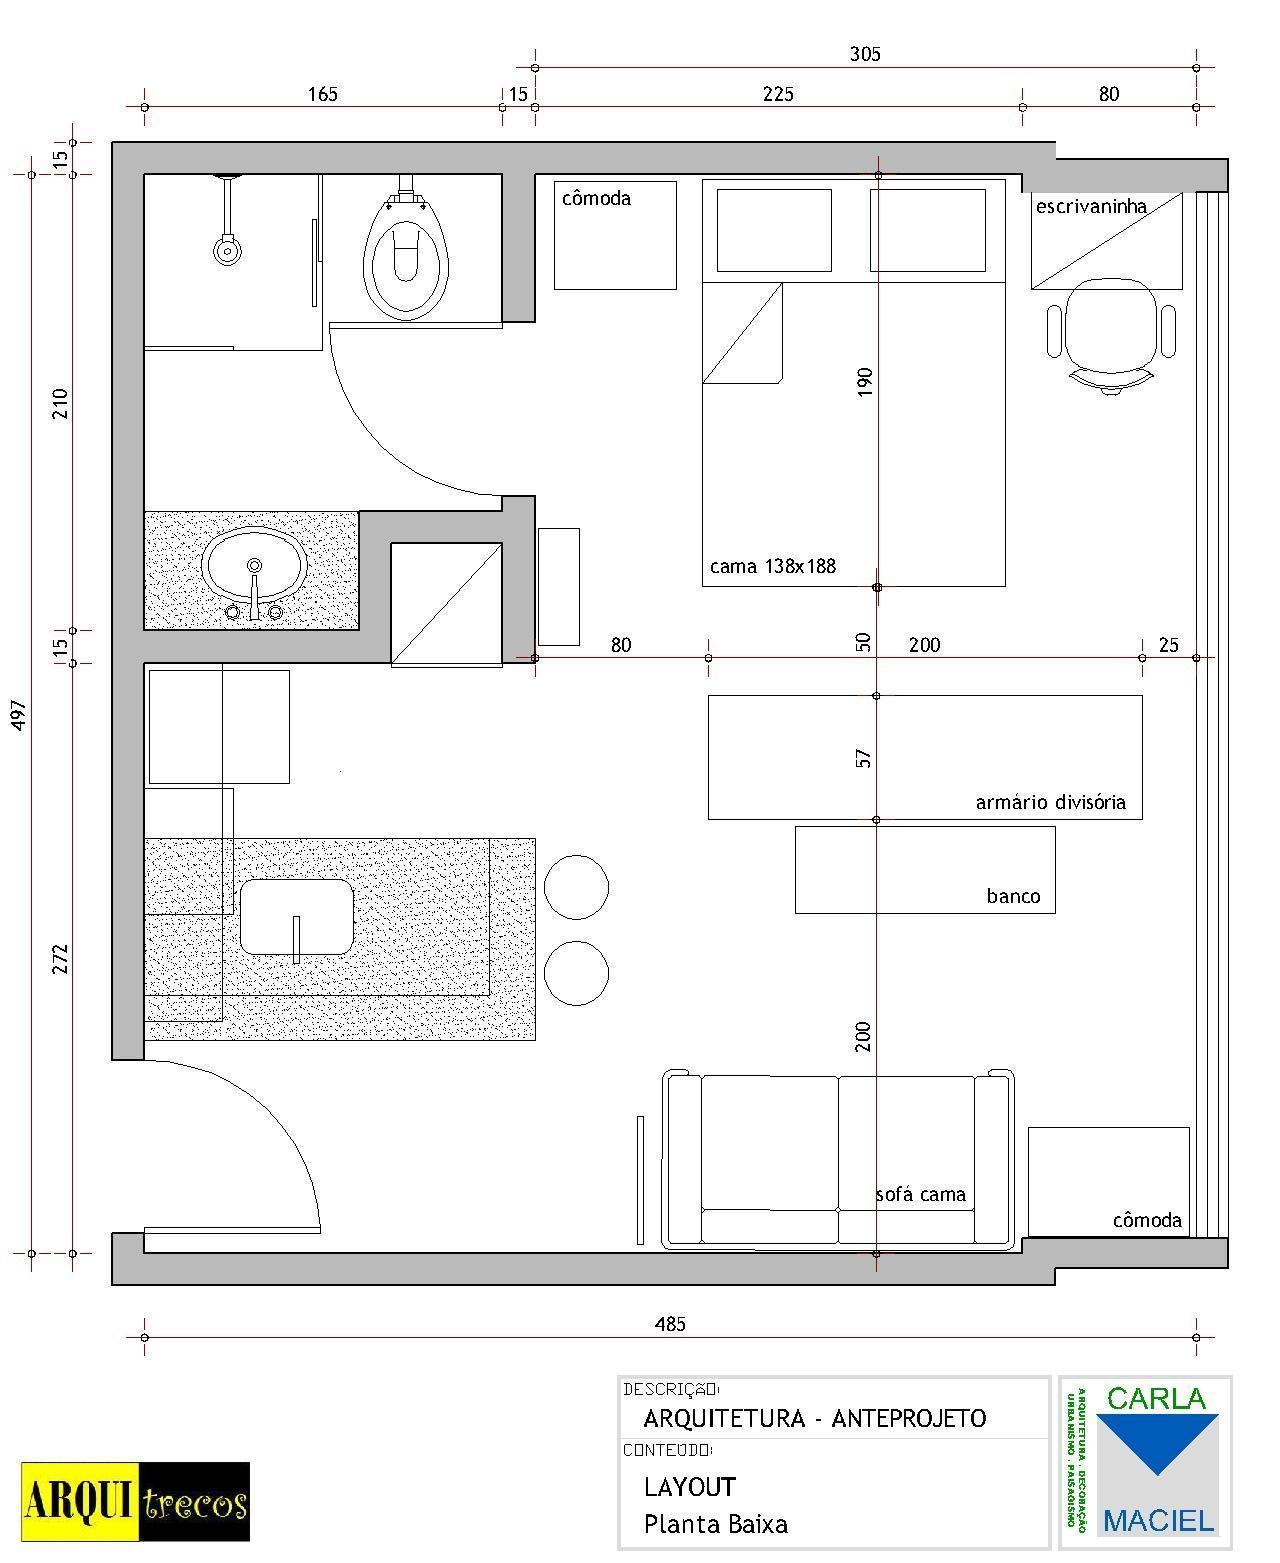 blog de decoração Arquitrecos: Projeto Arquitrecos Soluções  #015AB8 1280x1563